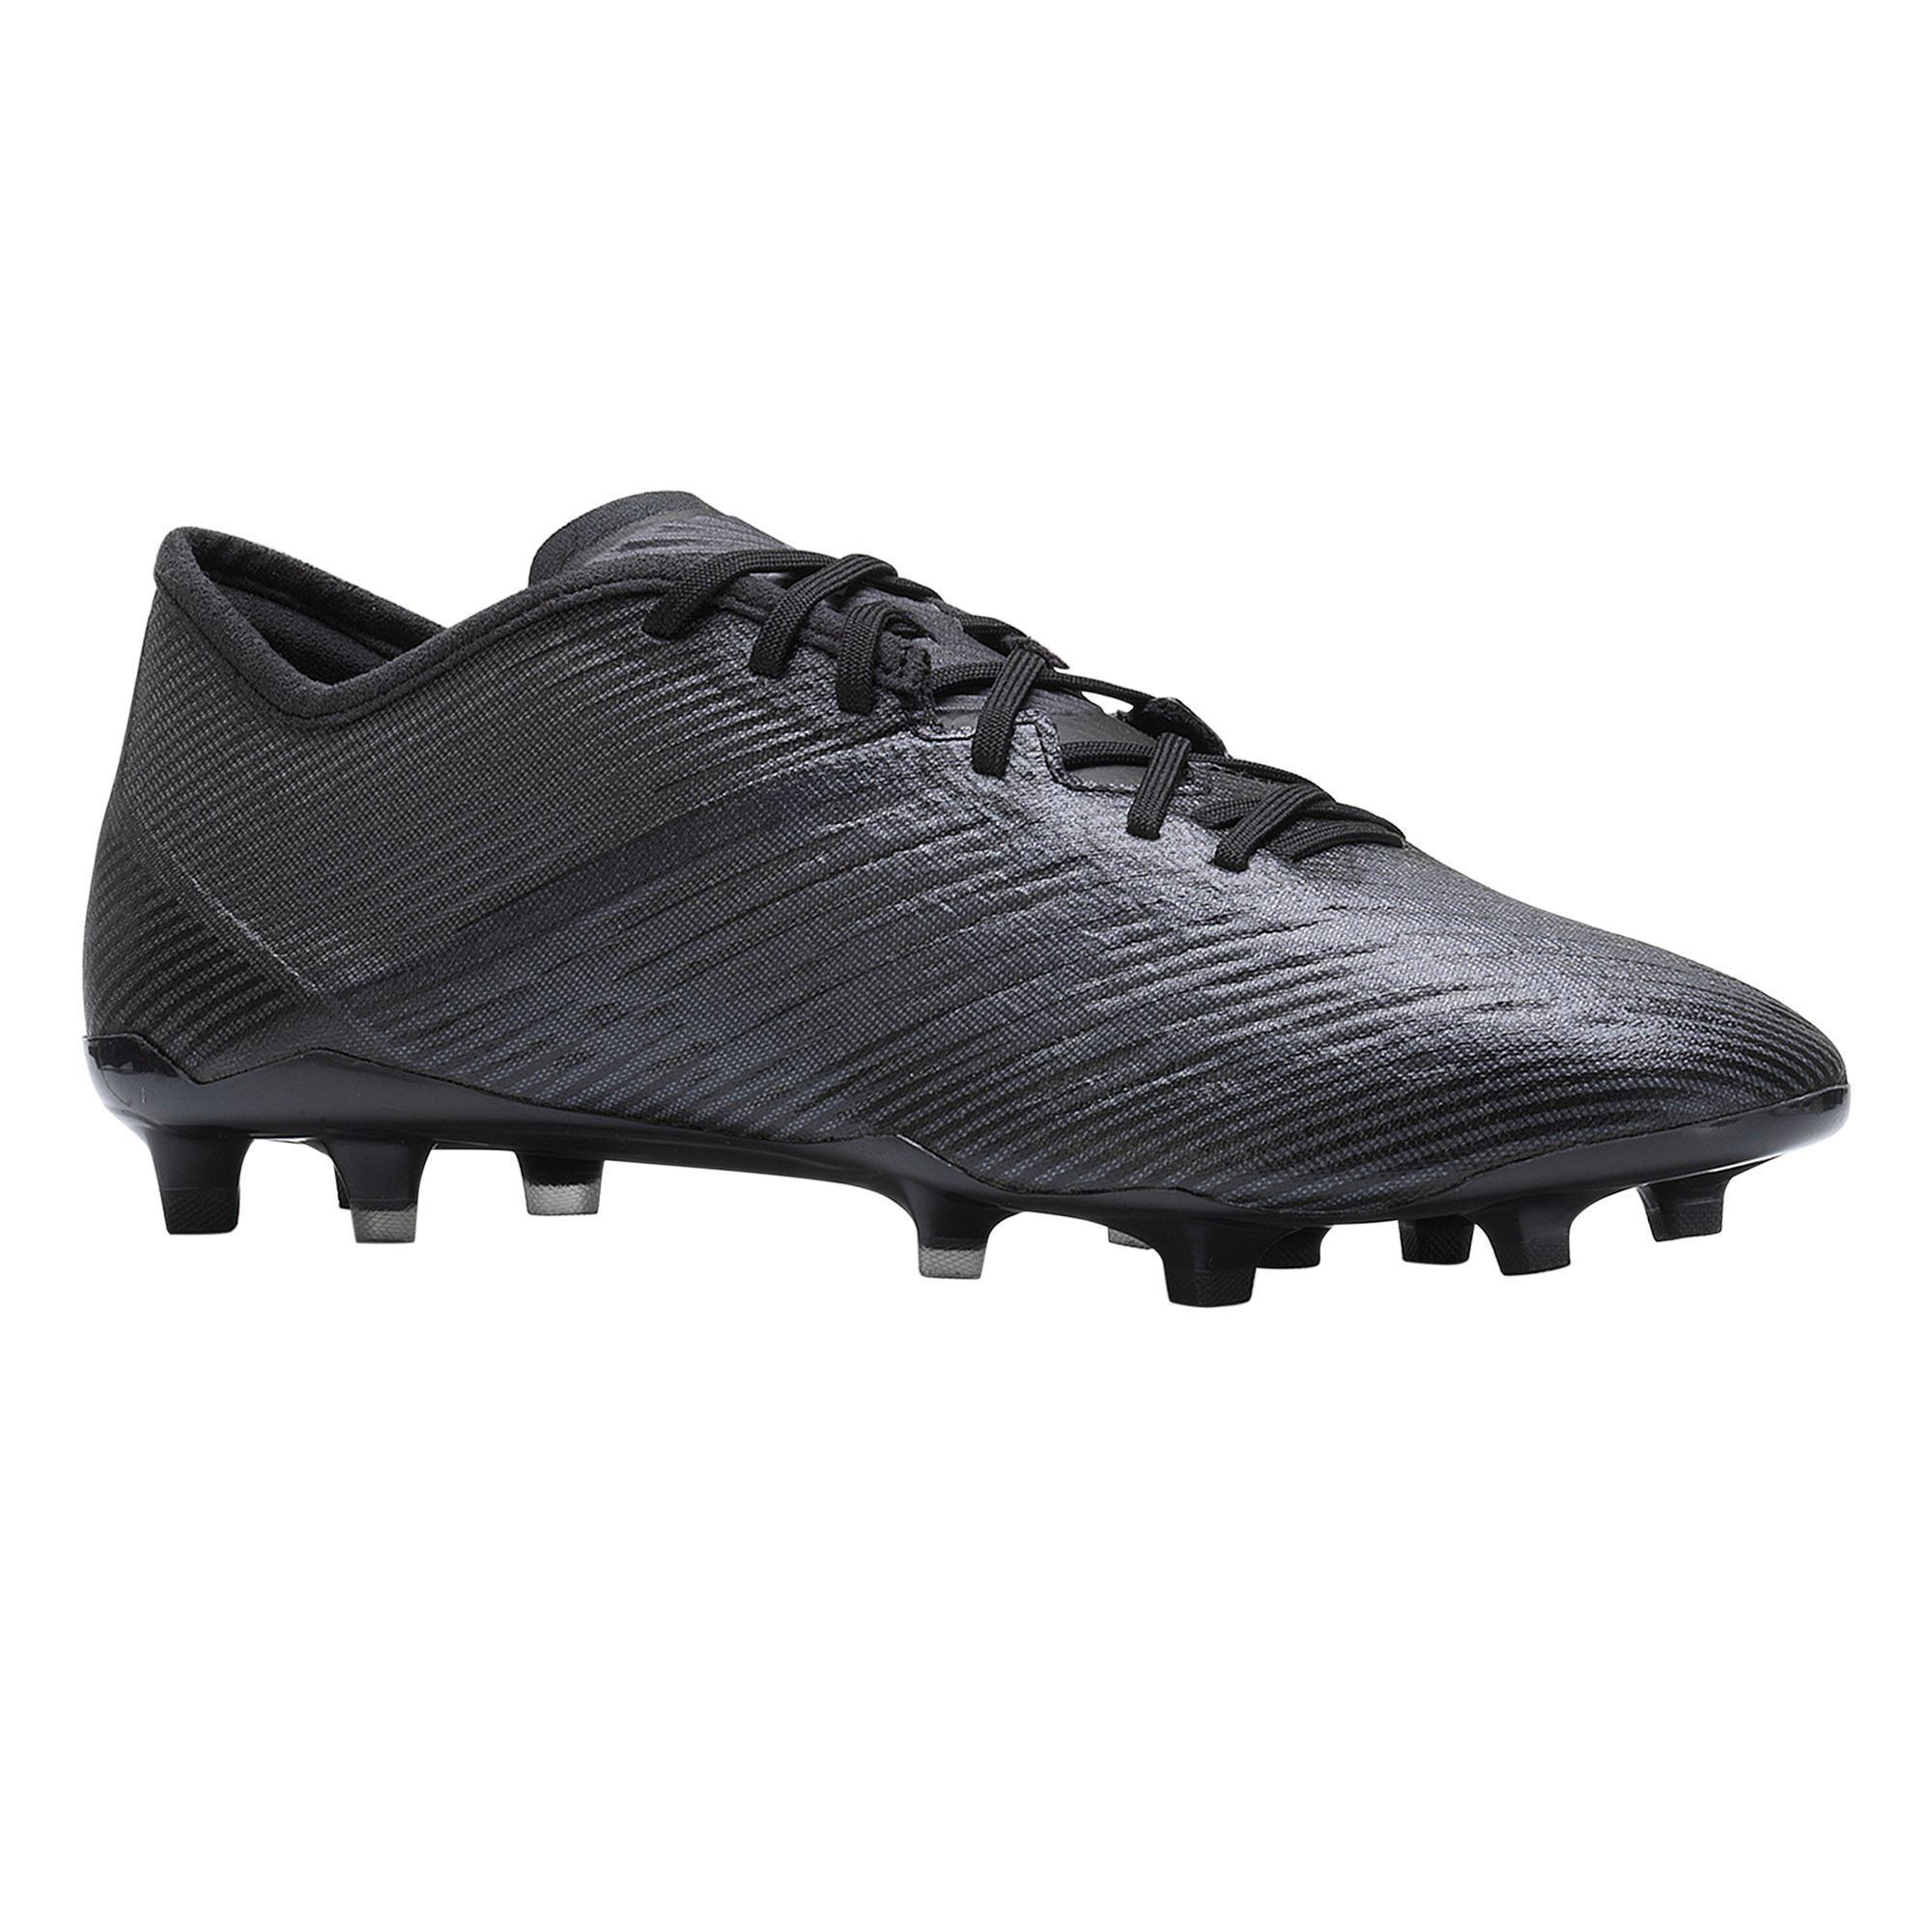 dernière collection moins cher utilisation durable Chaussures - Chaussure de football adulte terrains secs CLR 900 FG black  shadow